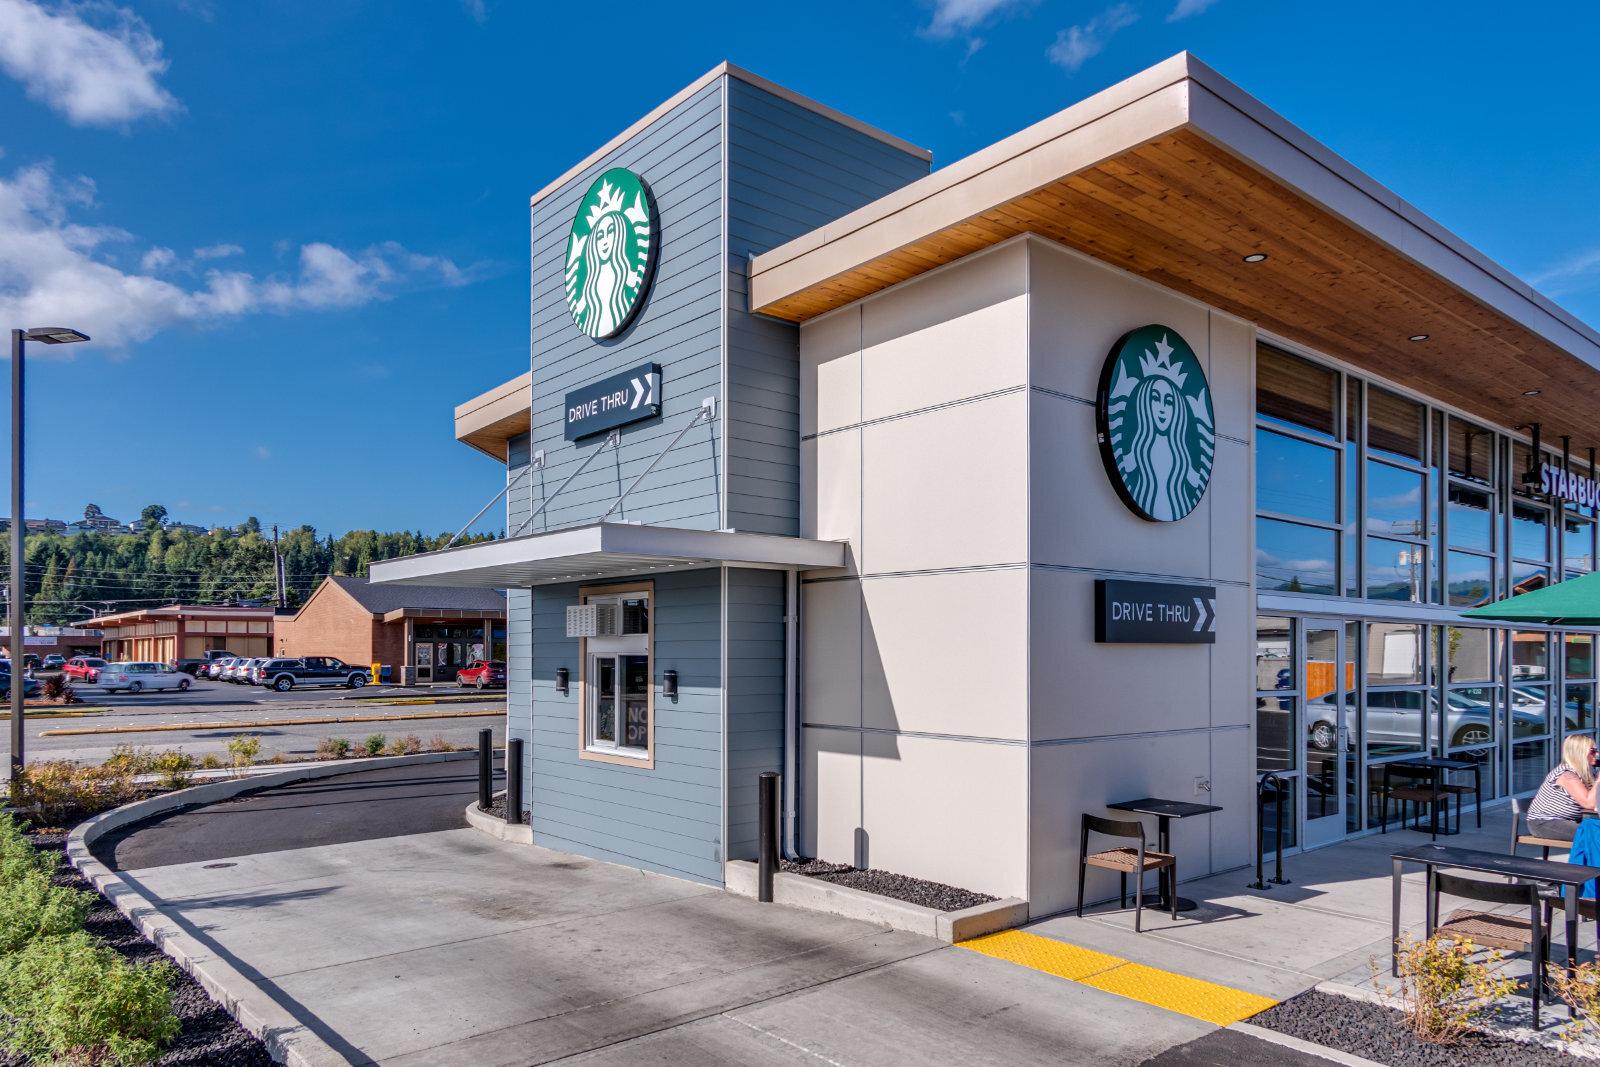 Brittell-Starbucks-WashingtonSt-007-BrokenBanjo1600.jpg